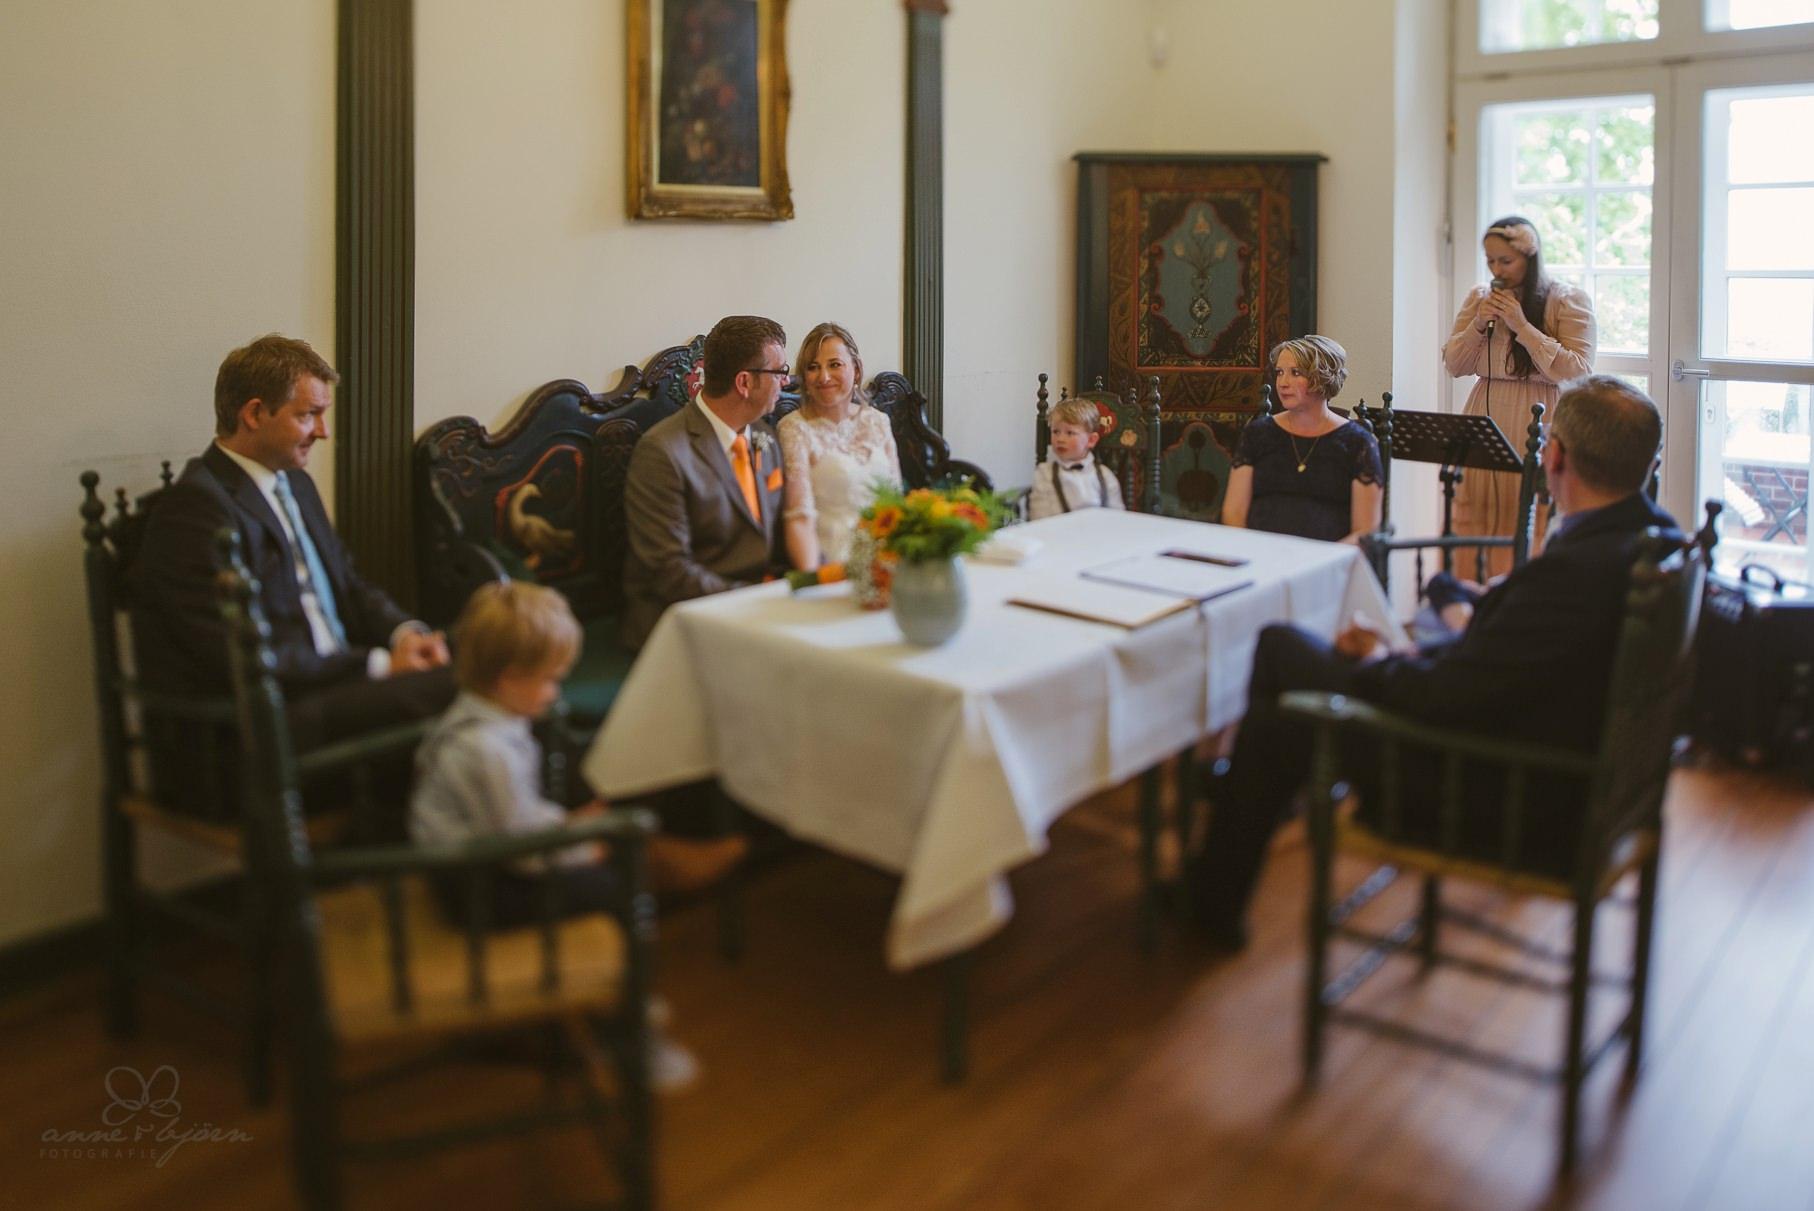 0066 anne und bjoern Manu und Sven D75 9715 1 - DIY Hochzeit im Erdhaus auf dem alten Land - Manuela & Sven